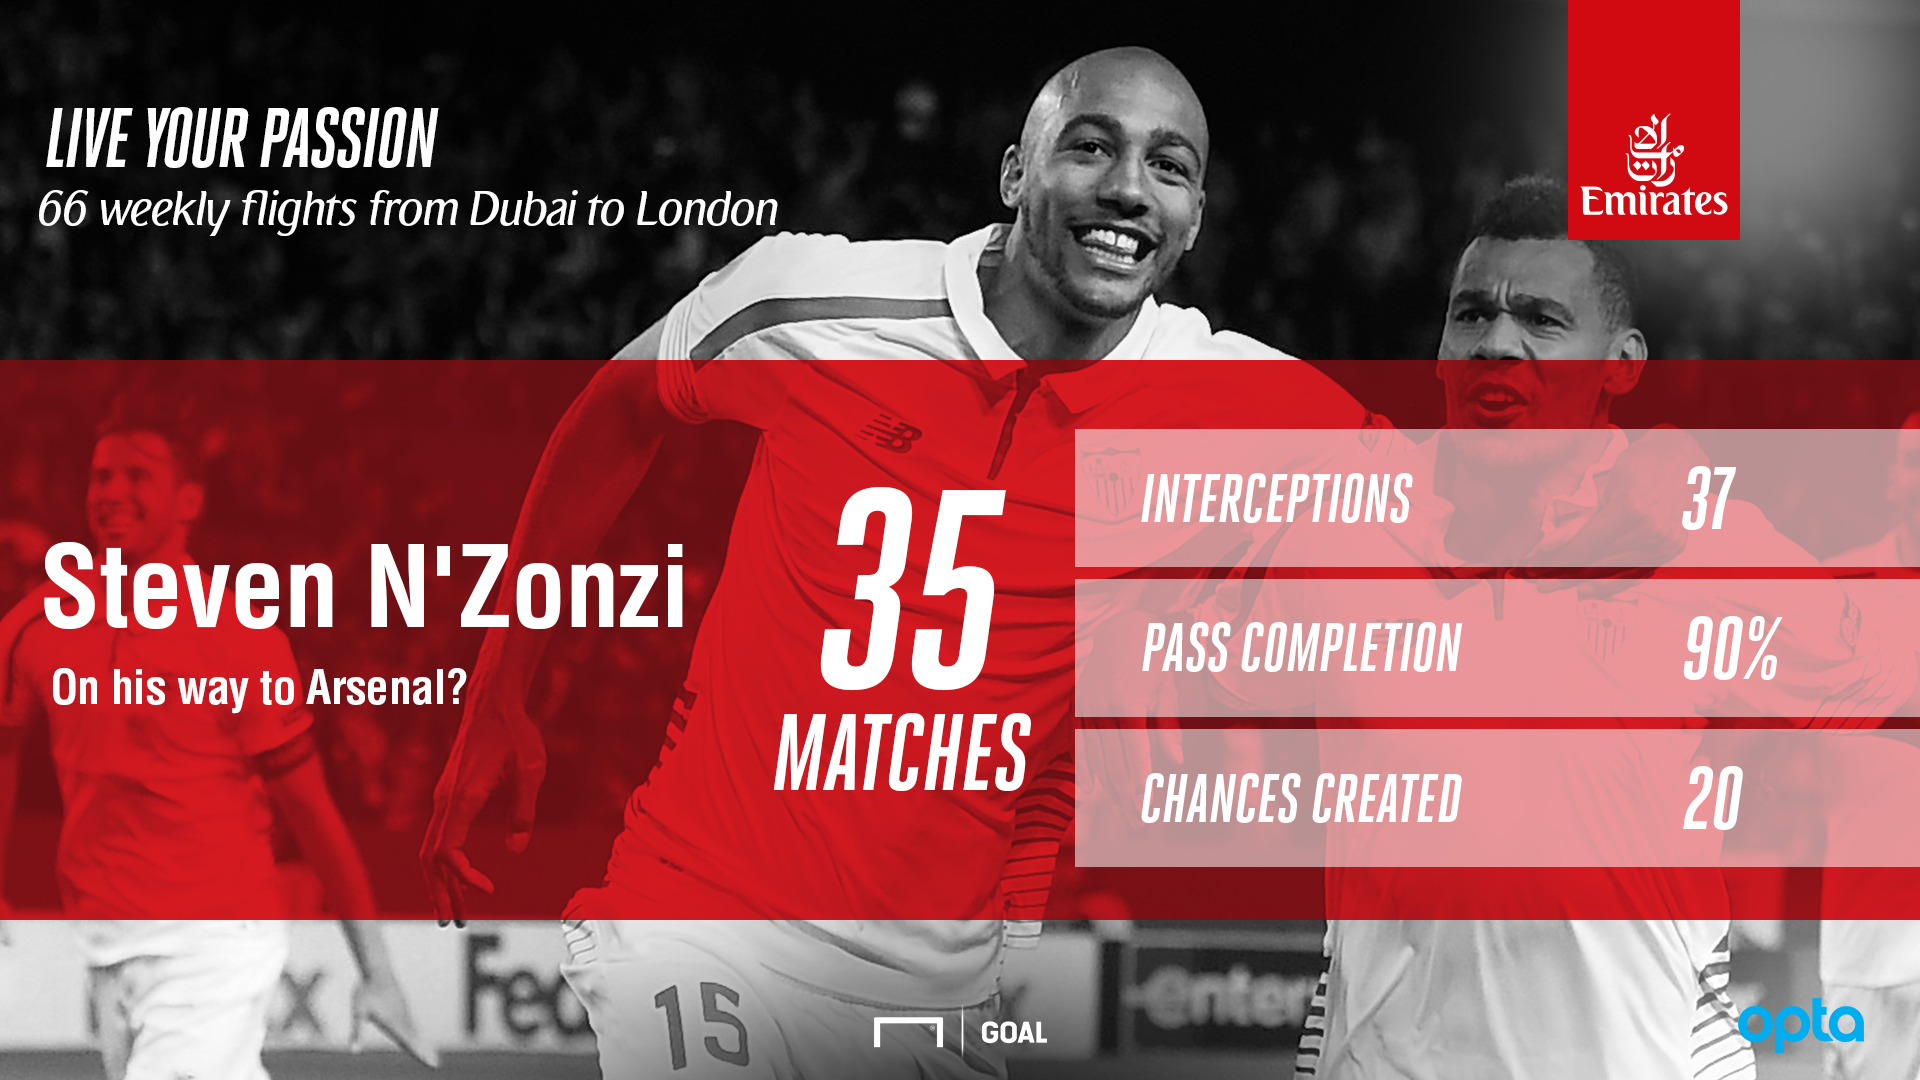 Emirates - N'zonzi EN